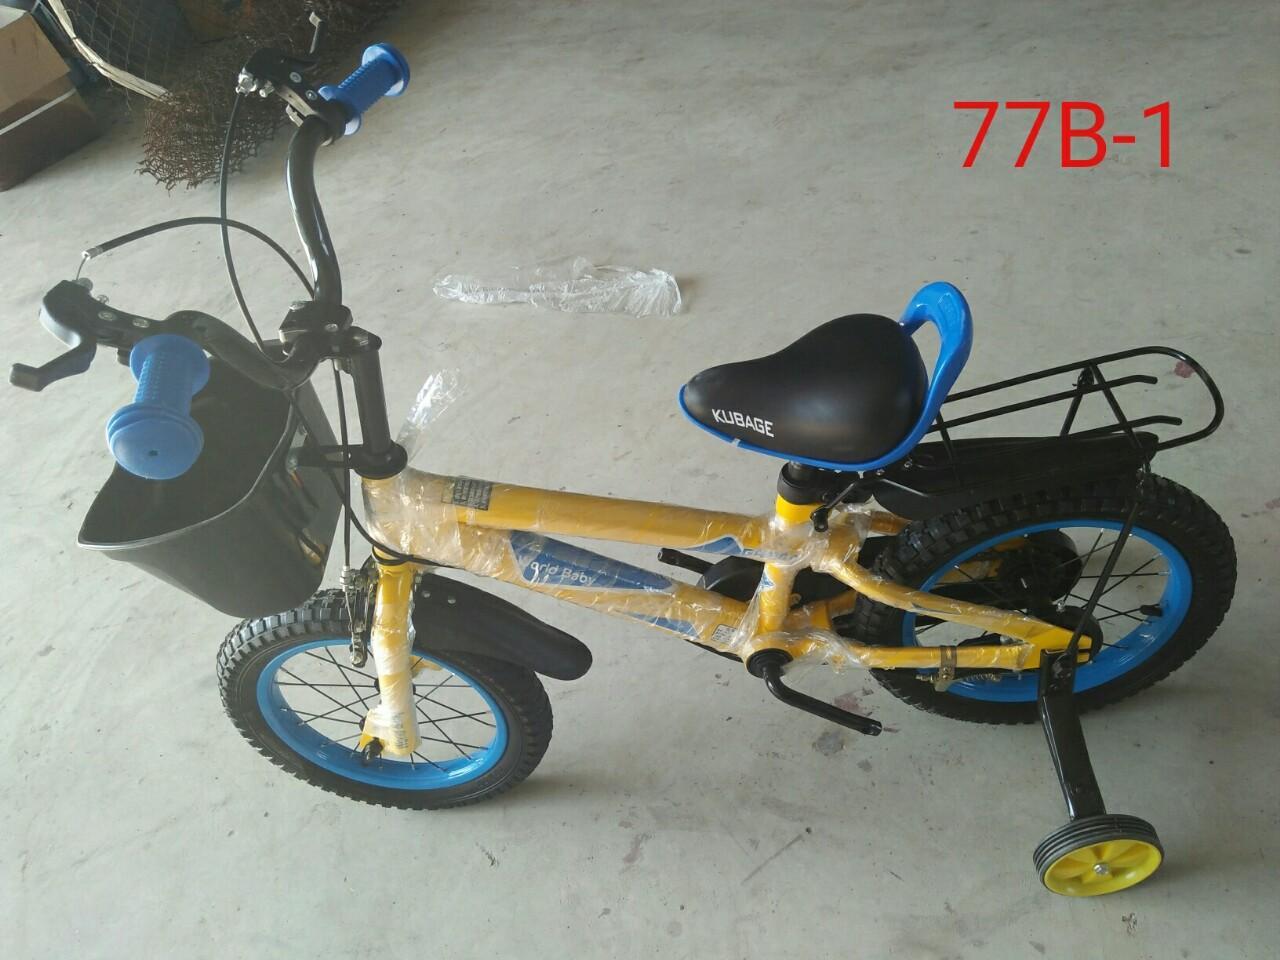 Mua Xe đạp sắt (2 bánh nam) 77B12 có yên - Tay cong - 12 inh (cho bé 2 - 4 tuổi)